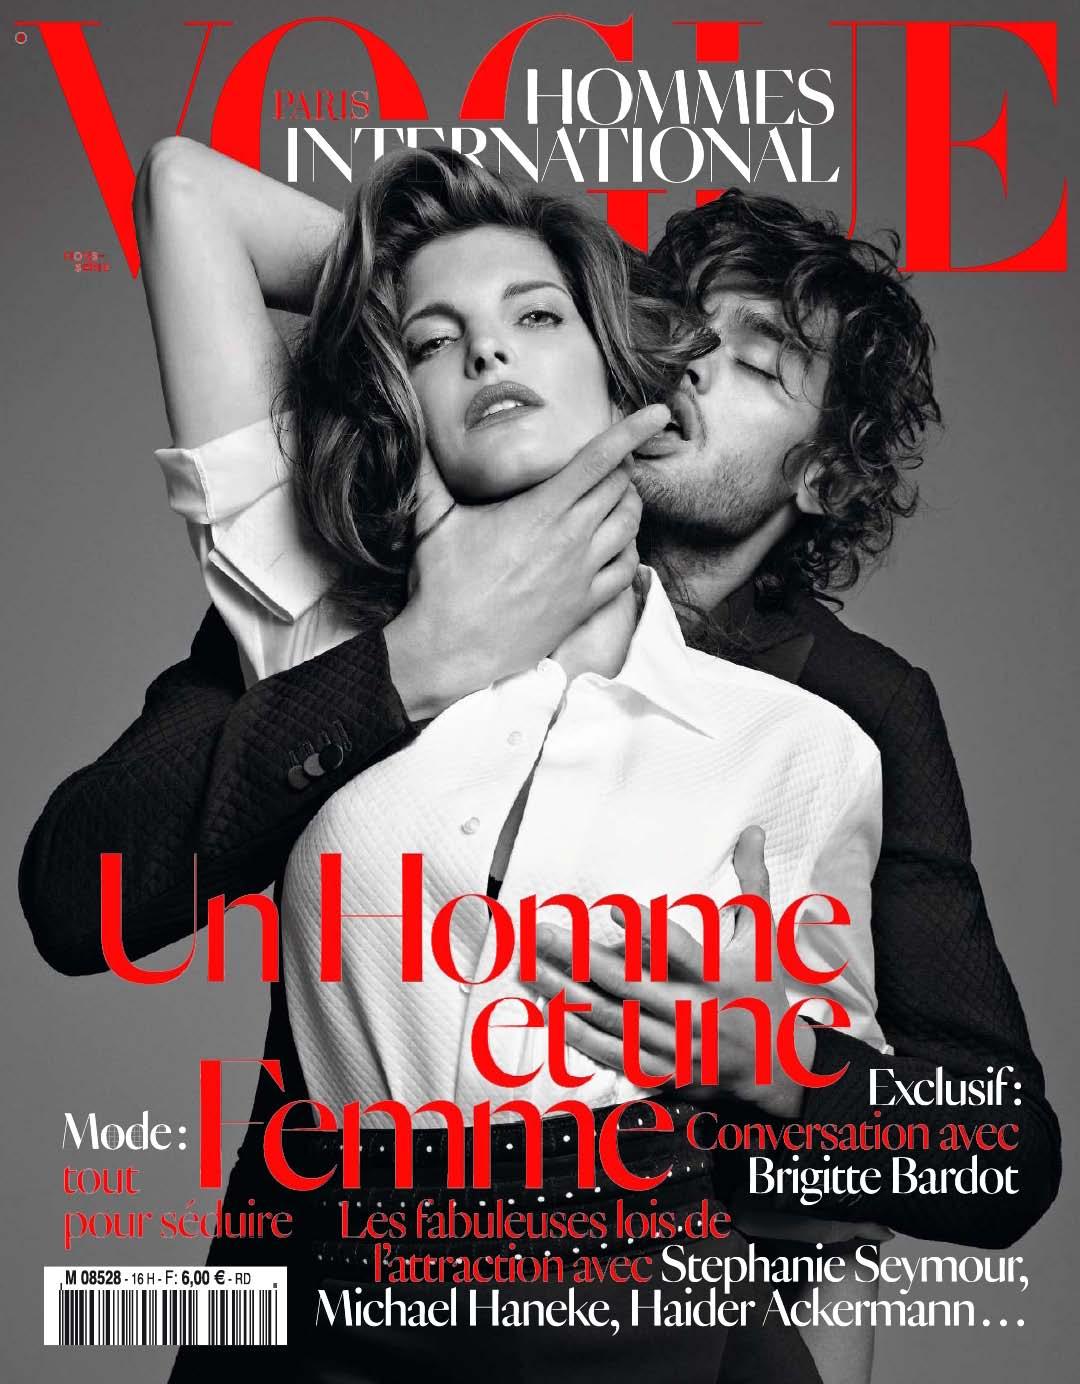 http://1.bp.blogspot.com/-qeu0hZ0BVRA/UFbCeHAAvKI/AAAAAAAA-xU/cY-BjbbZhhw/s1600/Stephanie+Seymour+hot+for+Vogue+Hommes+International-08.jpg